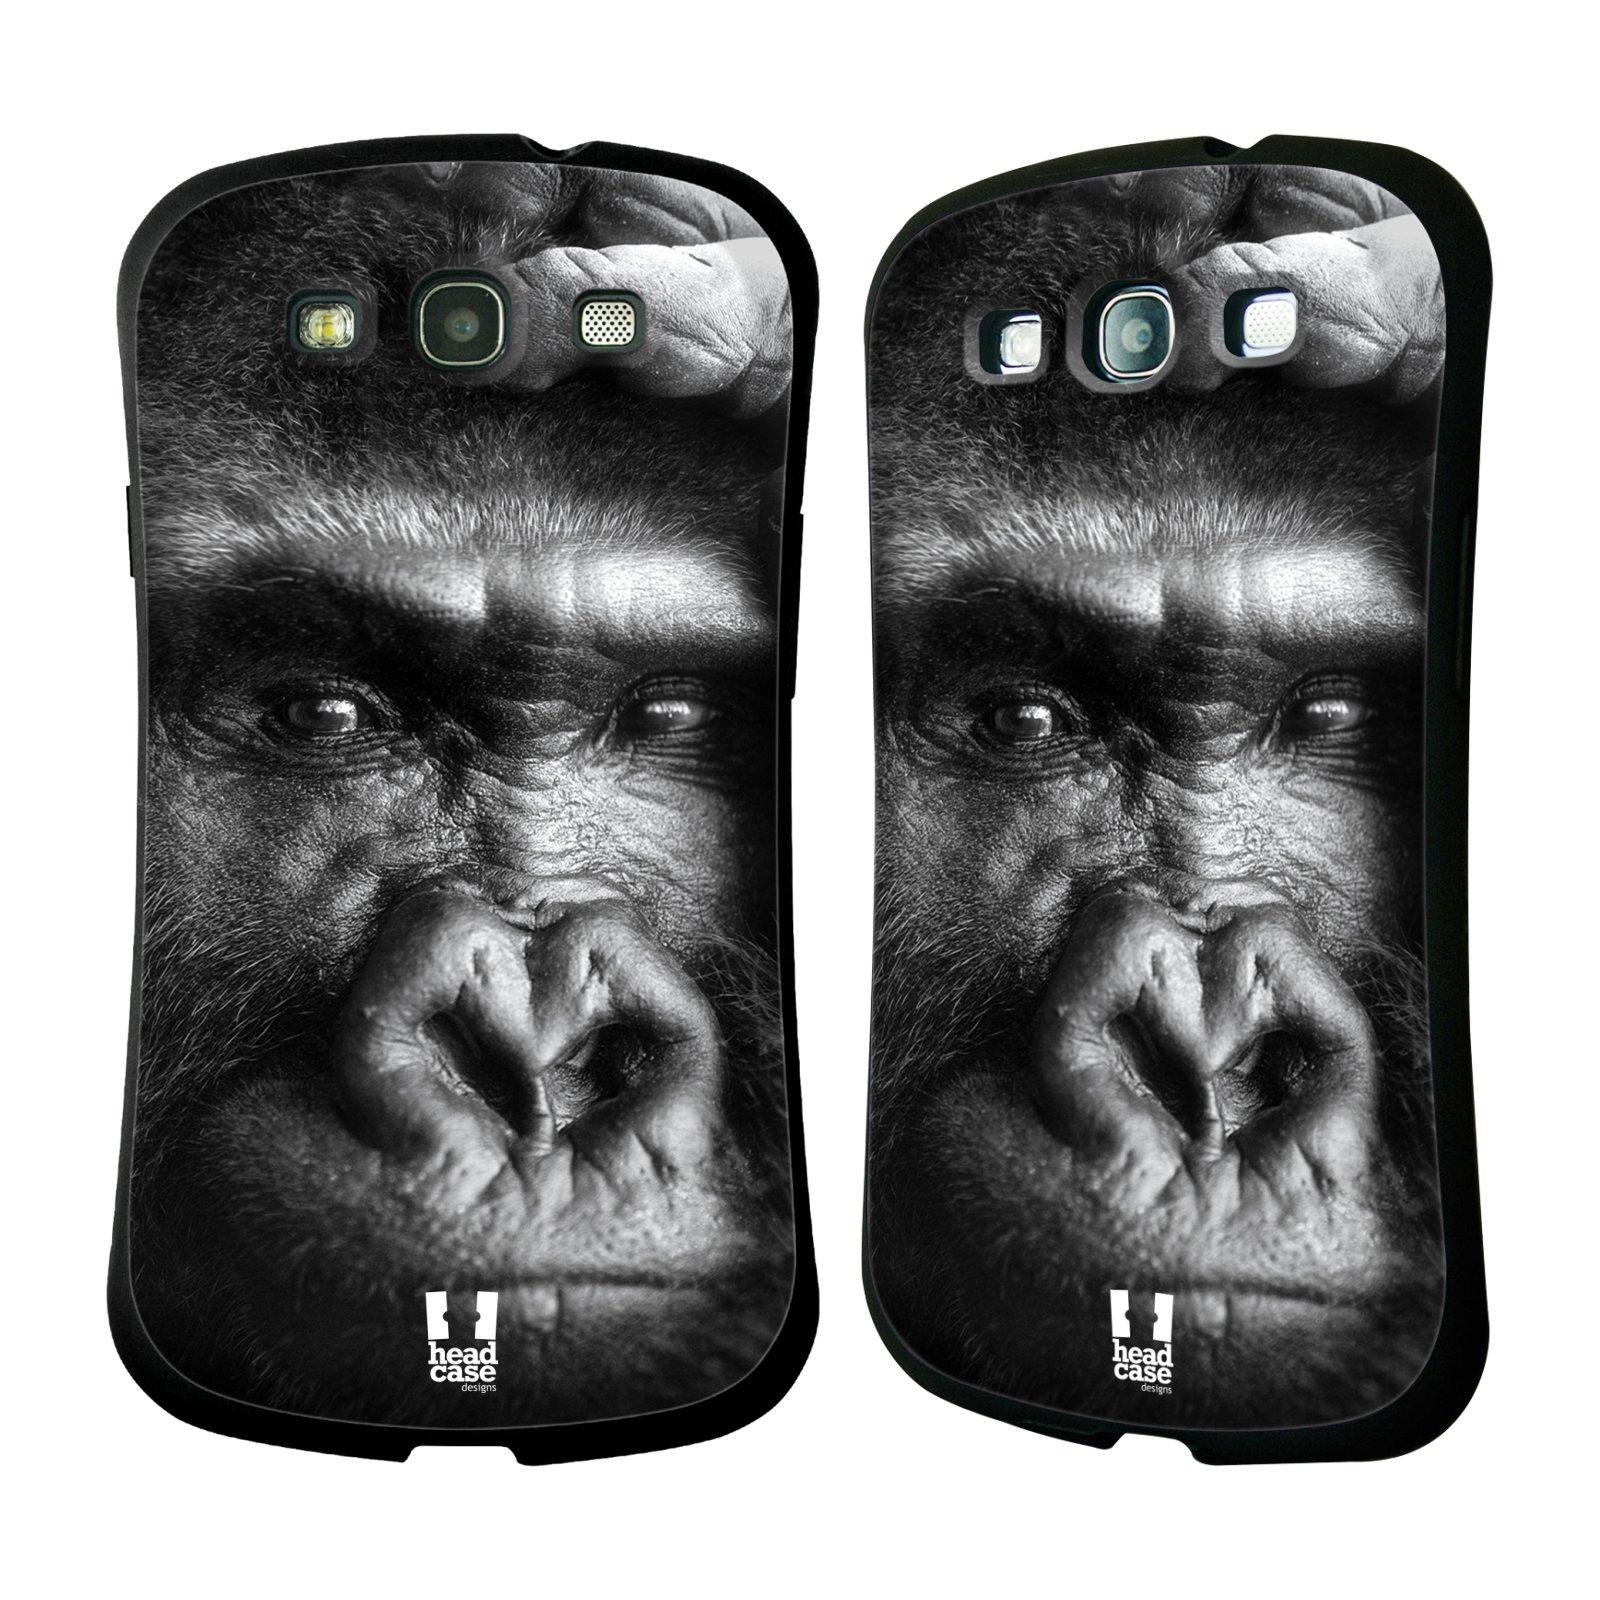 HEAD CASE silikon/plast odolný obal na mobil Samsung Galaxy S3 vzor Divočina, Divoký život a zvířata foto GORILA TVÁŘ